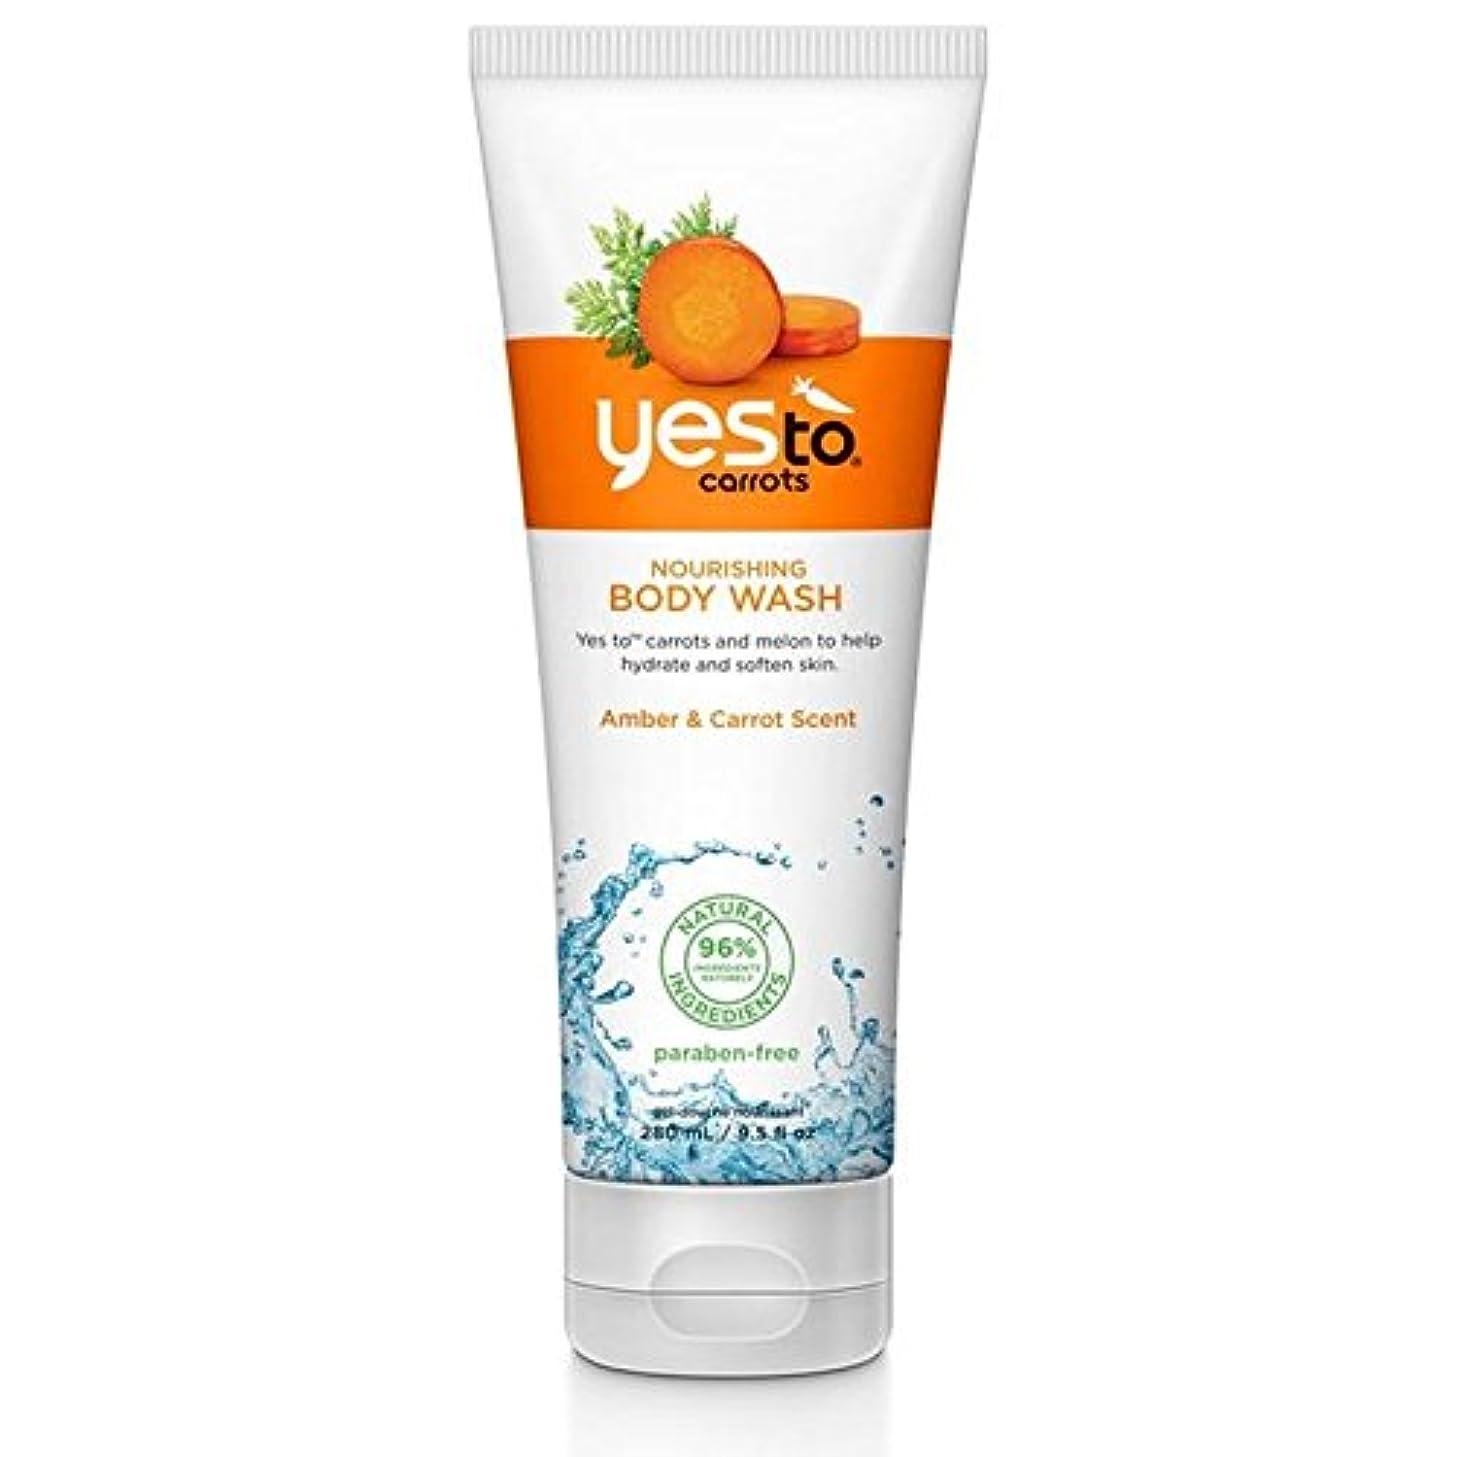 シットコム止まる不規則性Yes To Carrots Nourishing Body Wash 280ml (Pack of 6) - はいボディウォッシュ280ミリリットル栄養ニンジンへ x6 [並行輸入品]